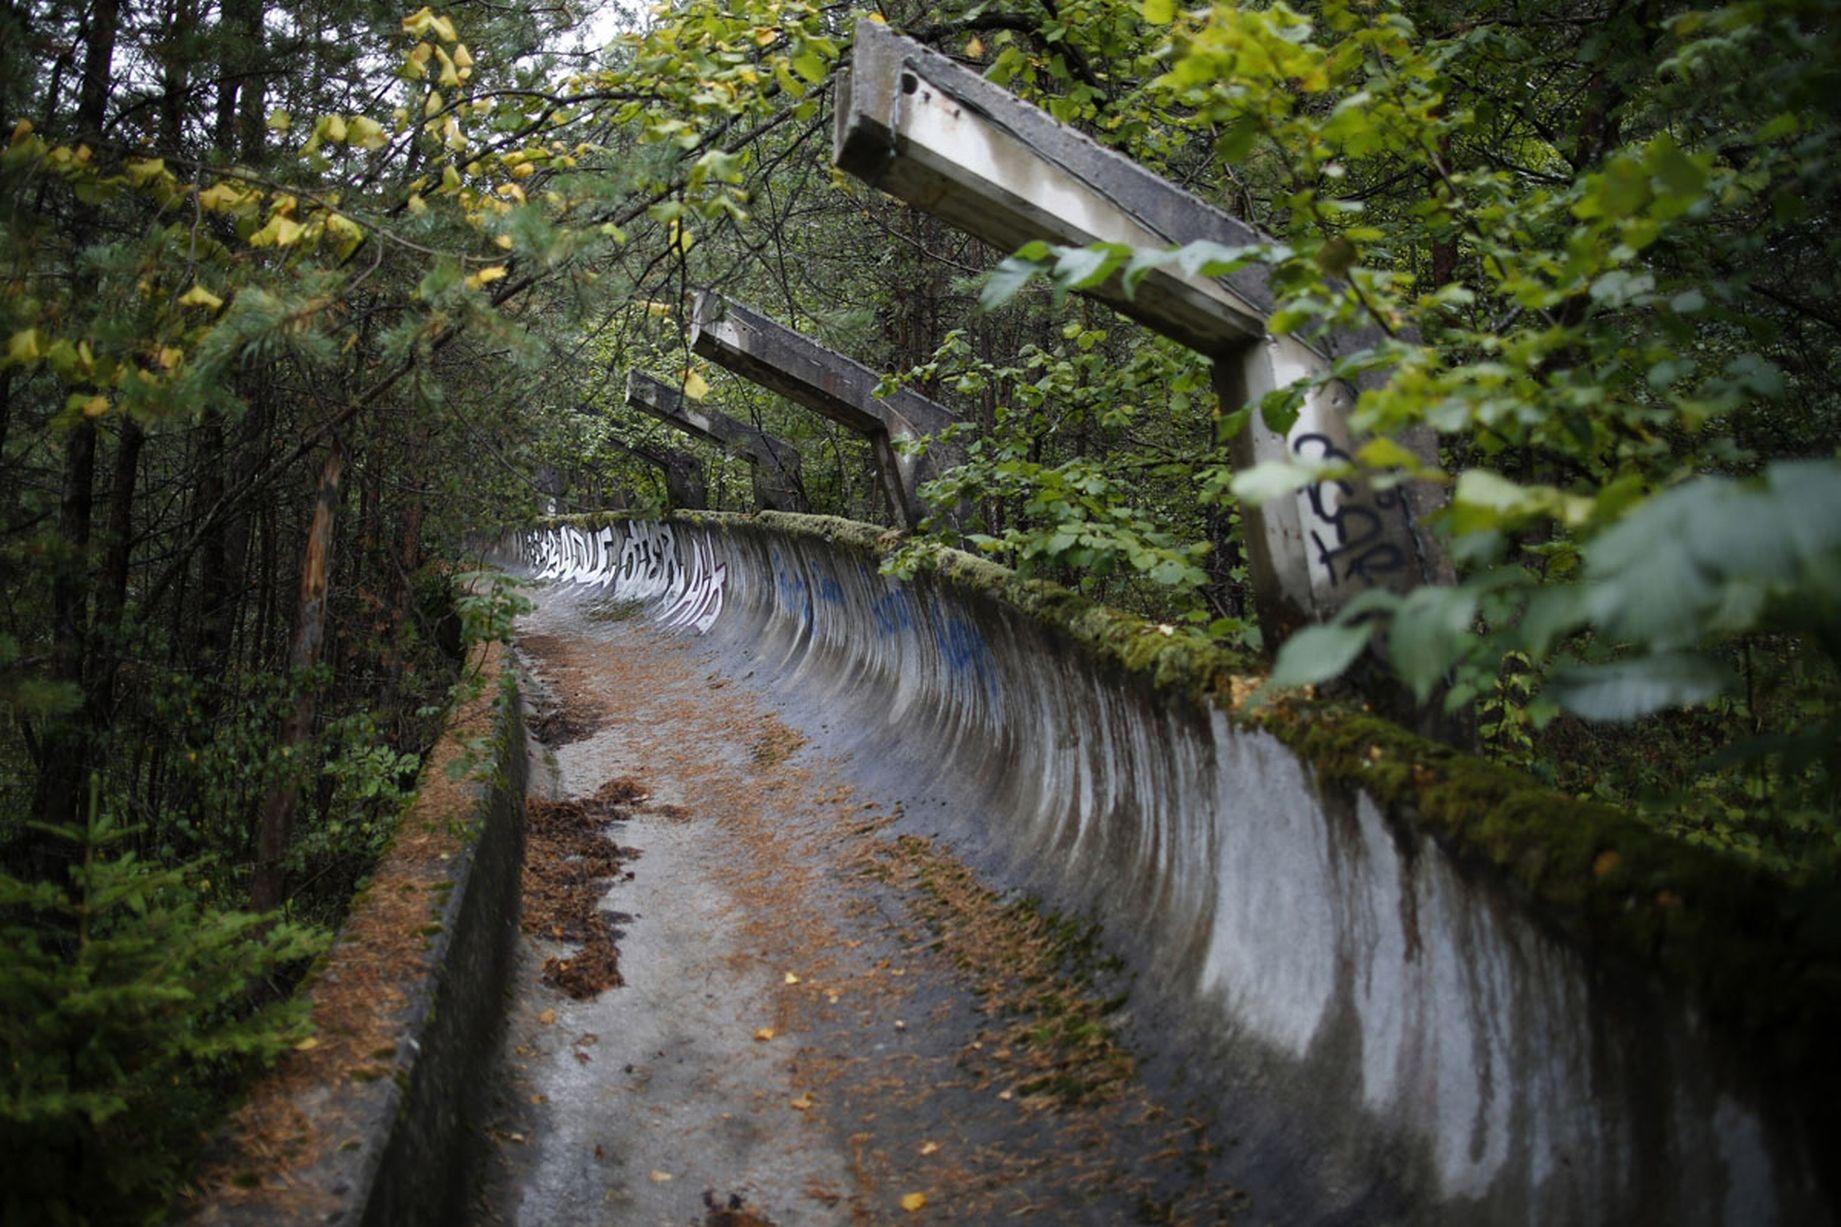 Thiên nhiên xâm lấn nơi tổ chức môn Bobsleigh (đua xe tuyết) ở Olympic mùa Đông Sarajevo 1984